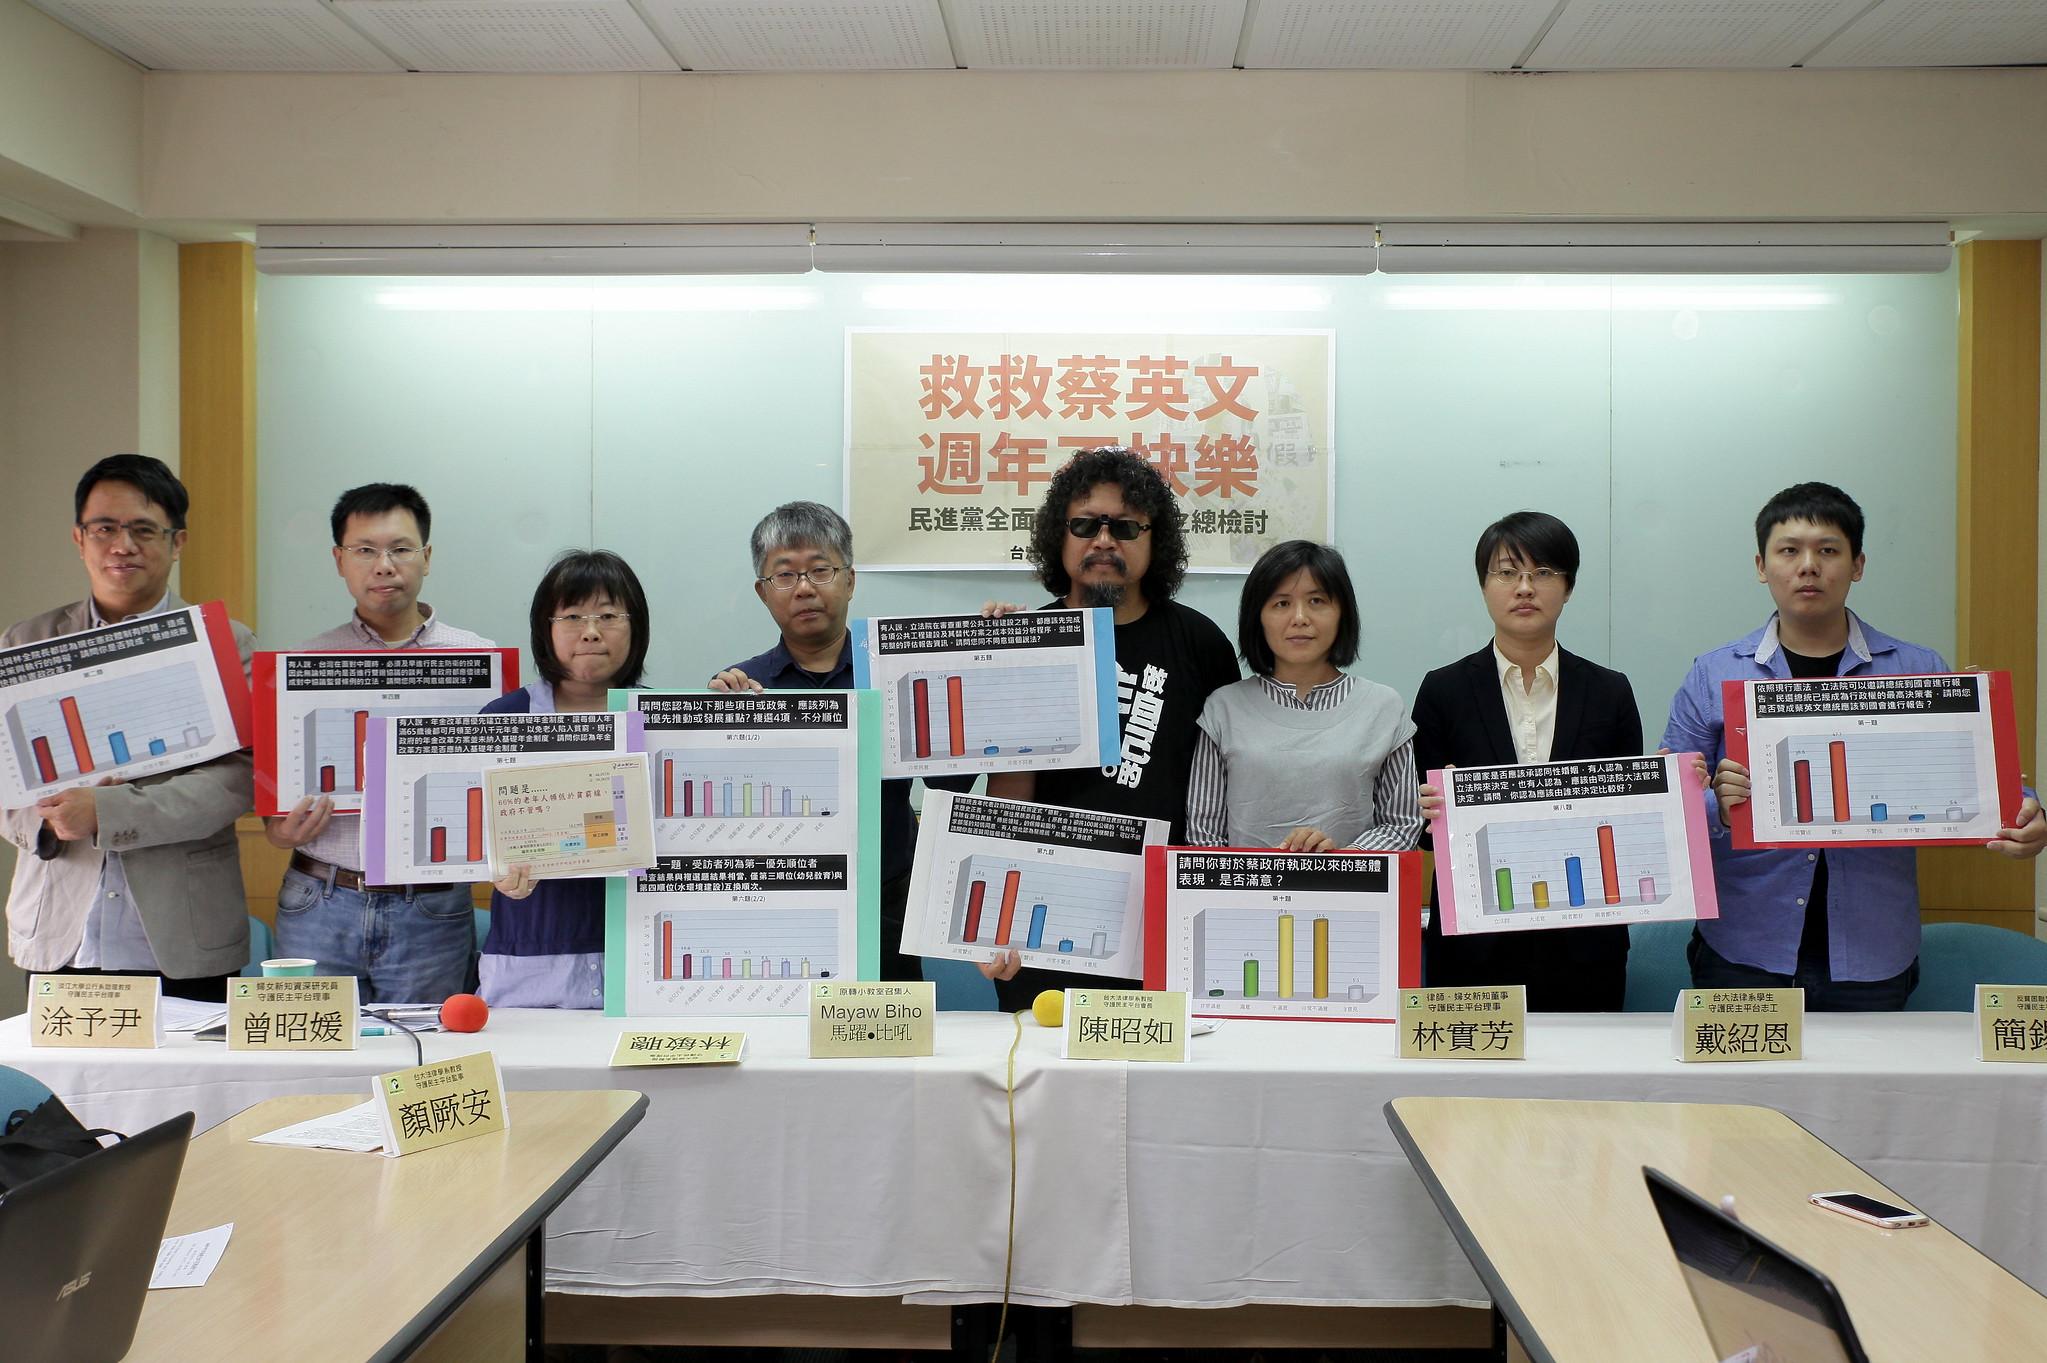 台灣守護民主平台公布「憲政體制與蔡總統執政週年調查」民調結果。(攝影:陳逸婷)